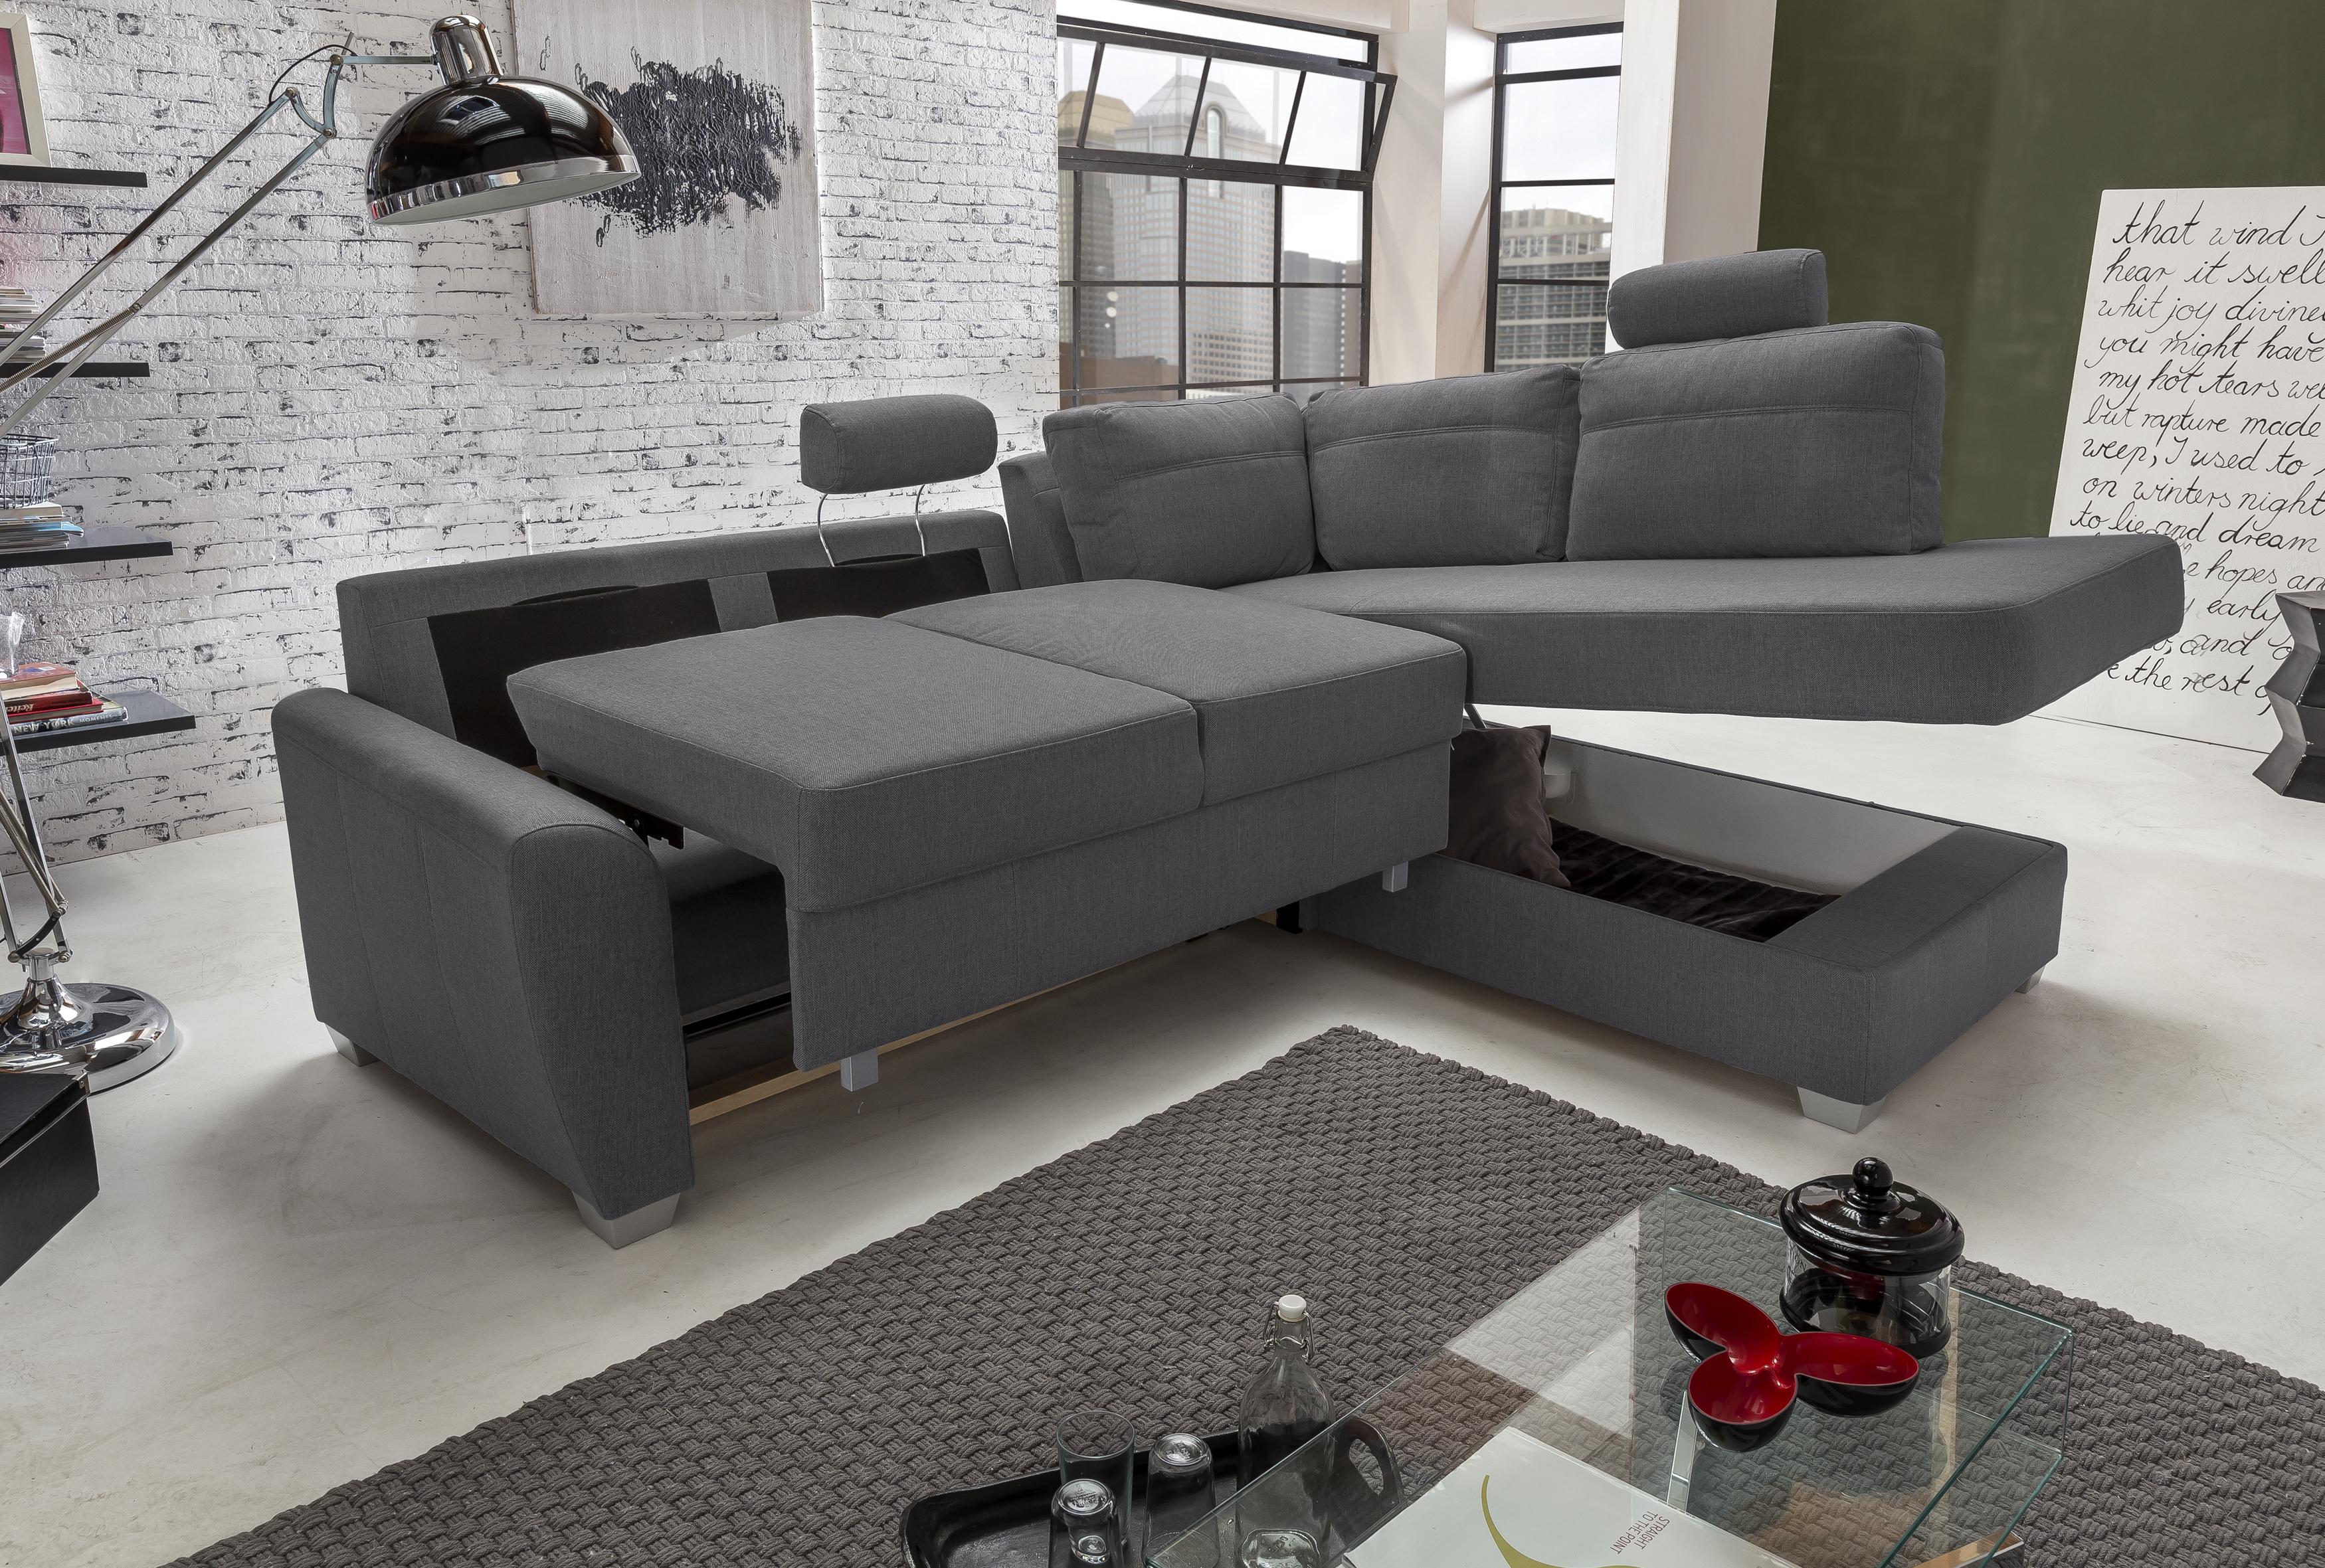 ecksofa dunkelgrau ecksofa schwarz dunkelgrau mit. Black Bedroom Furniture Sets. Home Design Ideas